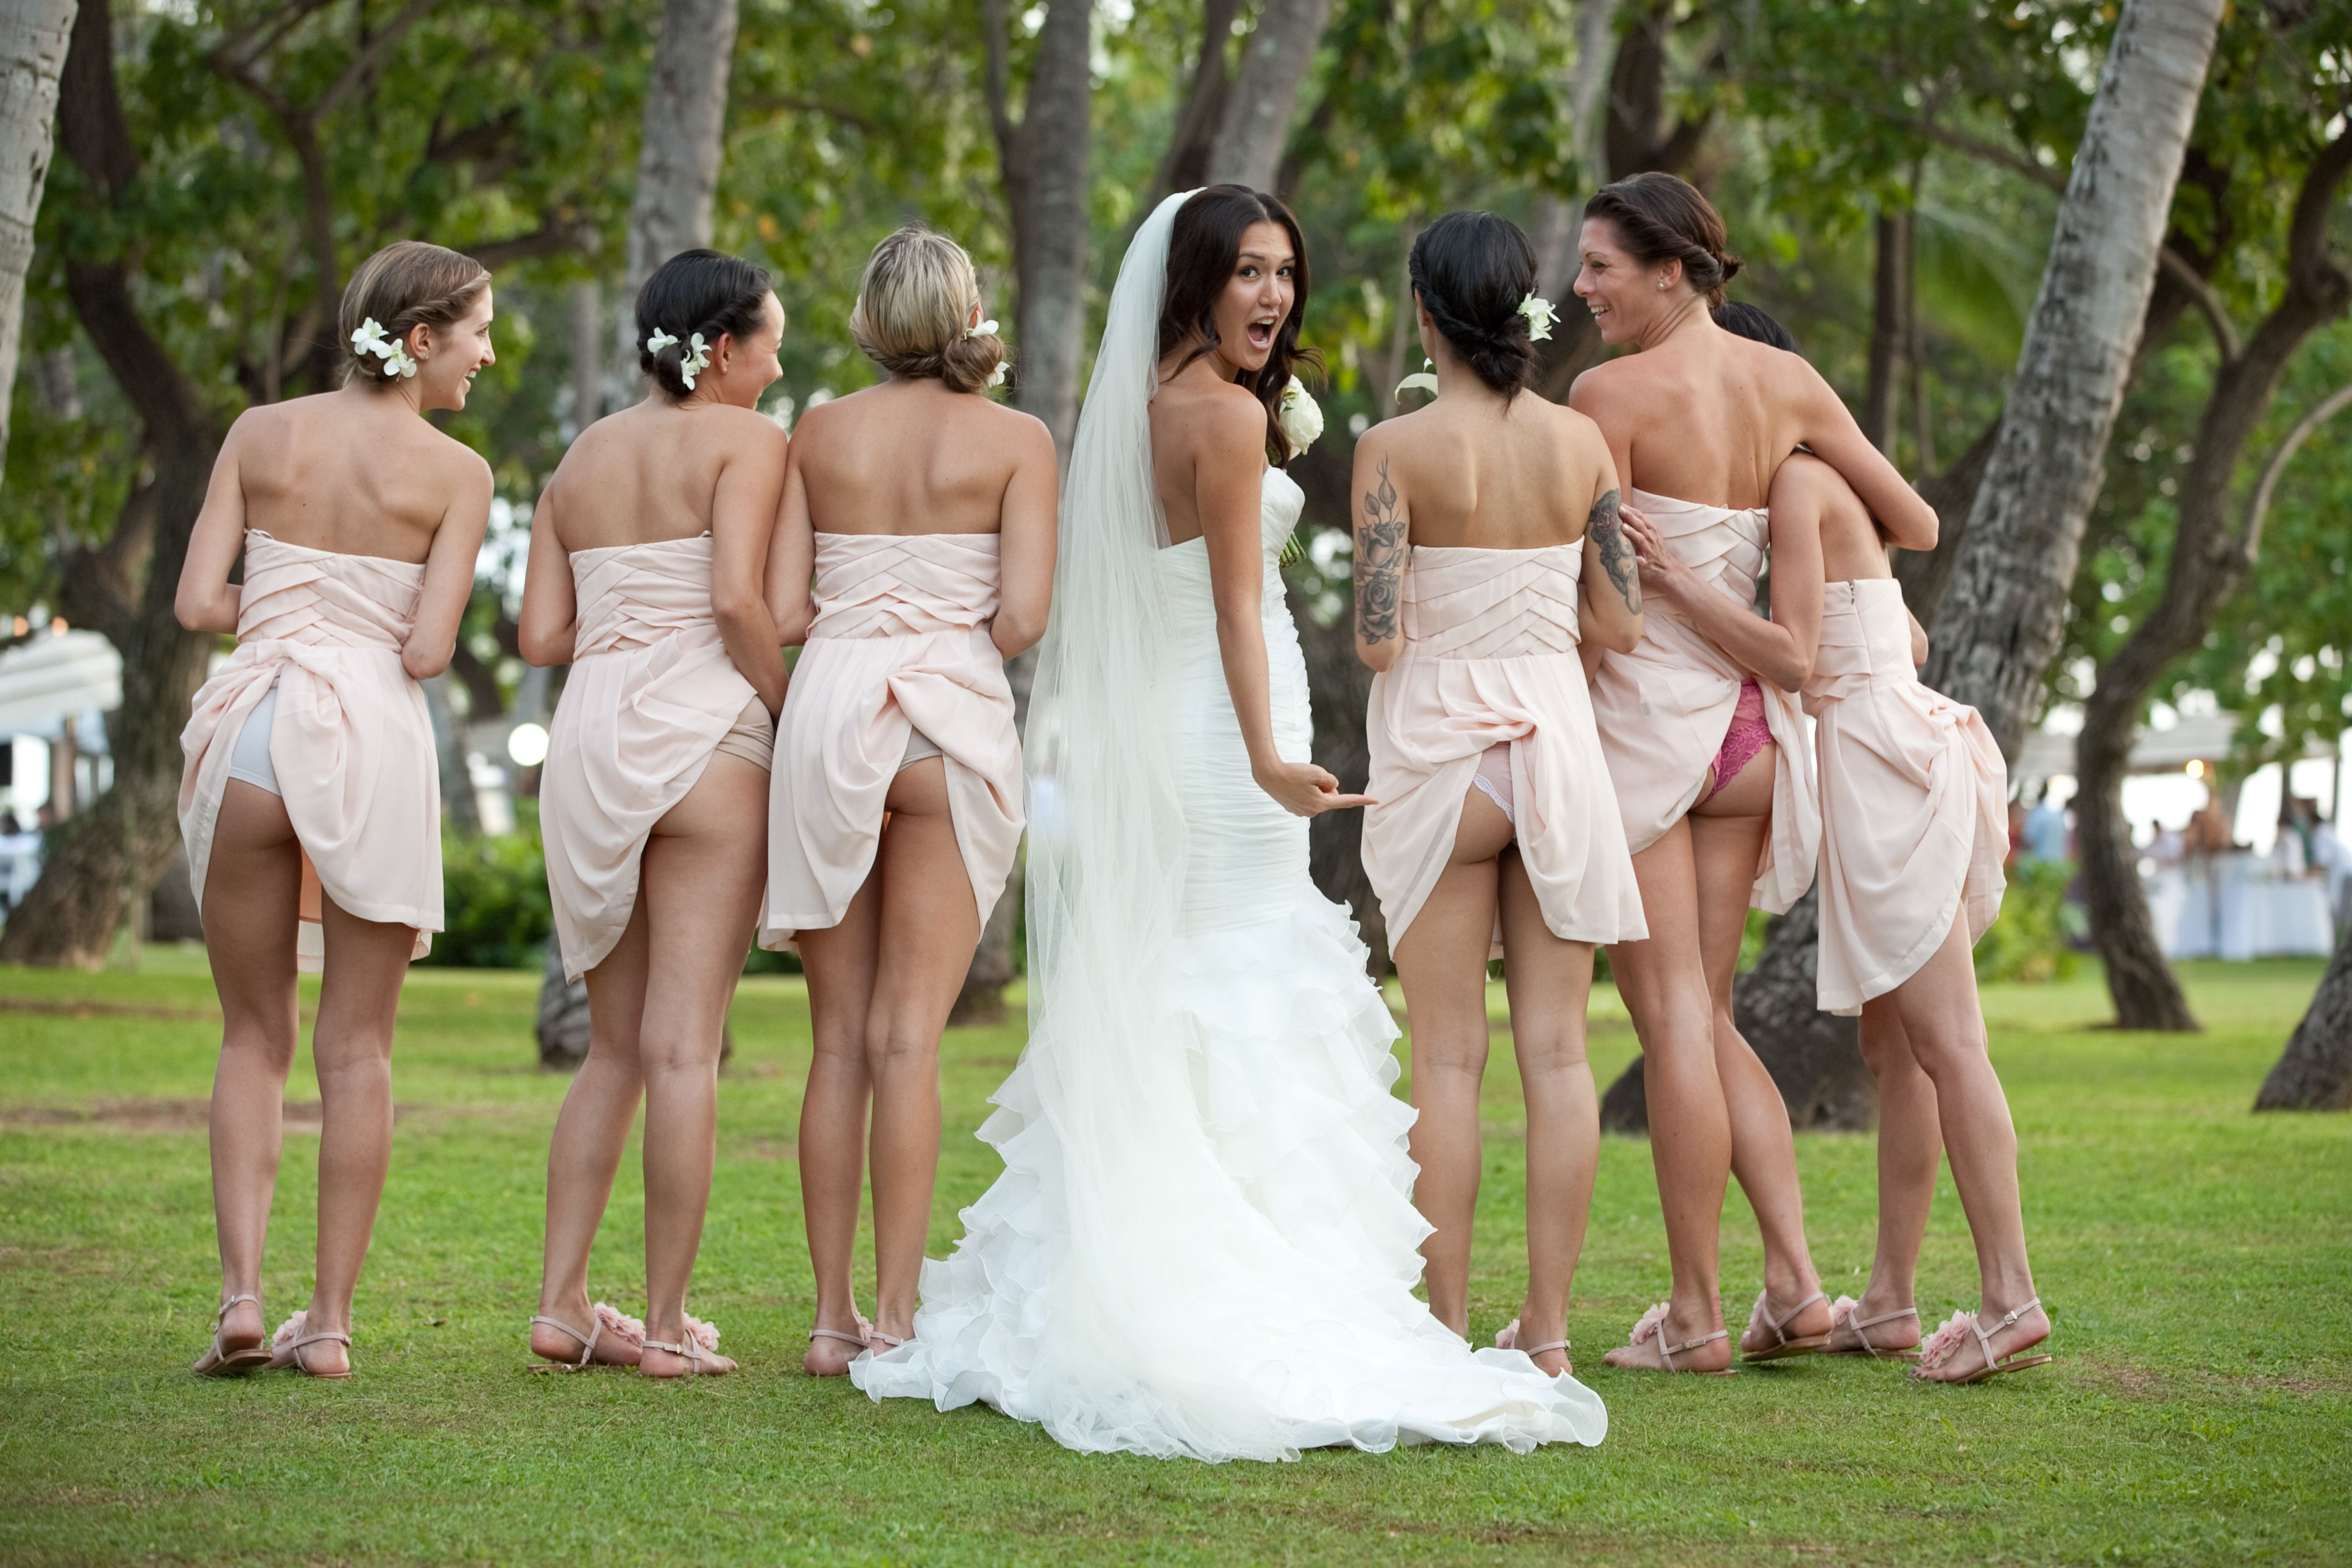 Прикольные идеи текстовых поздравлений на свадьбу